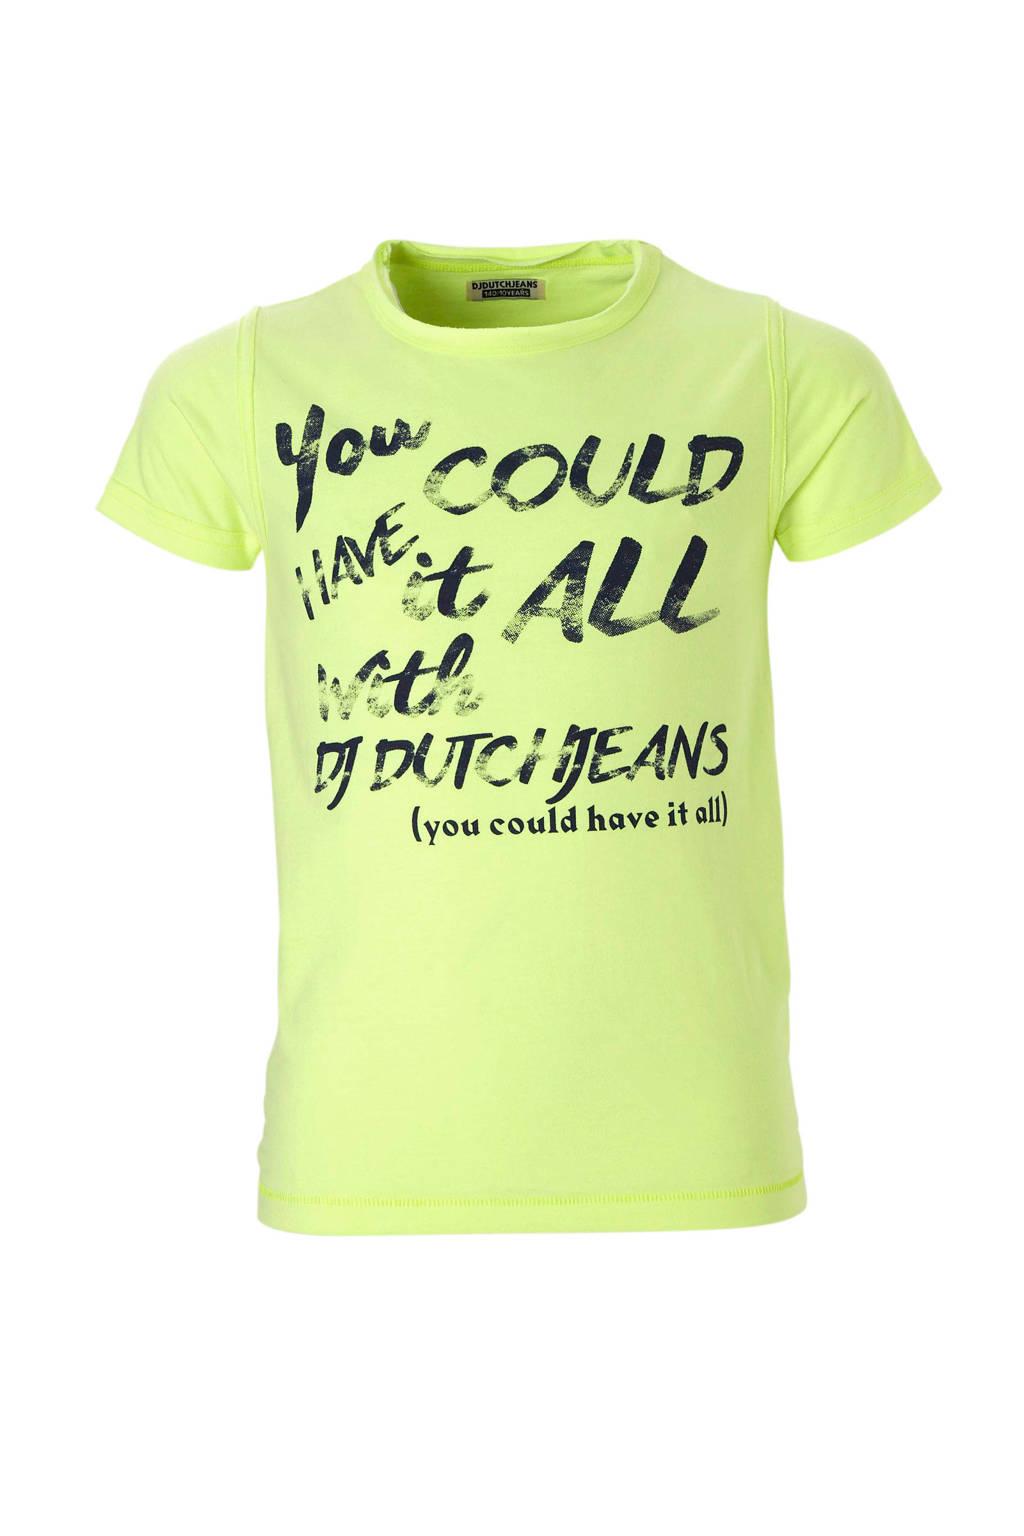 DJ Dutchjeans T-shirt met letterprint, Neon geel